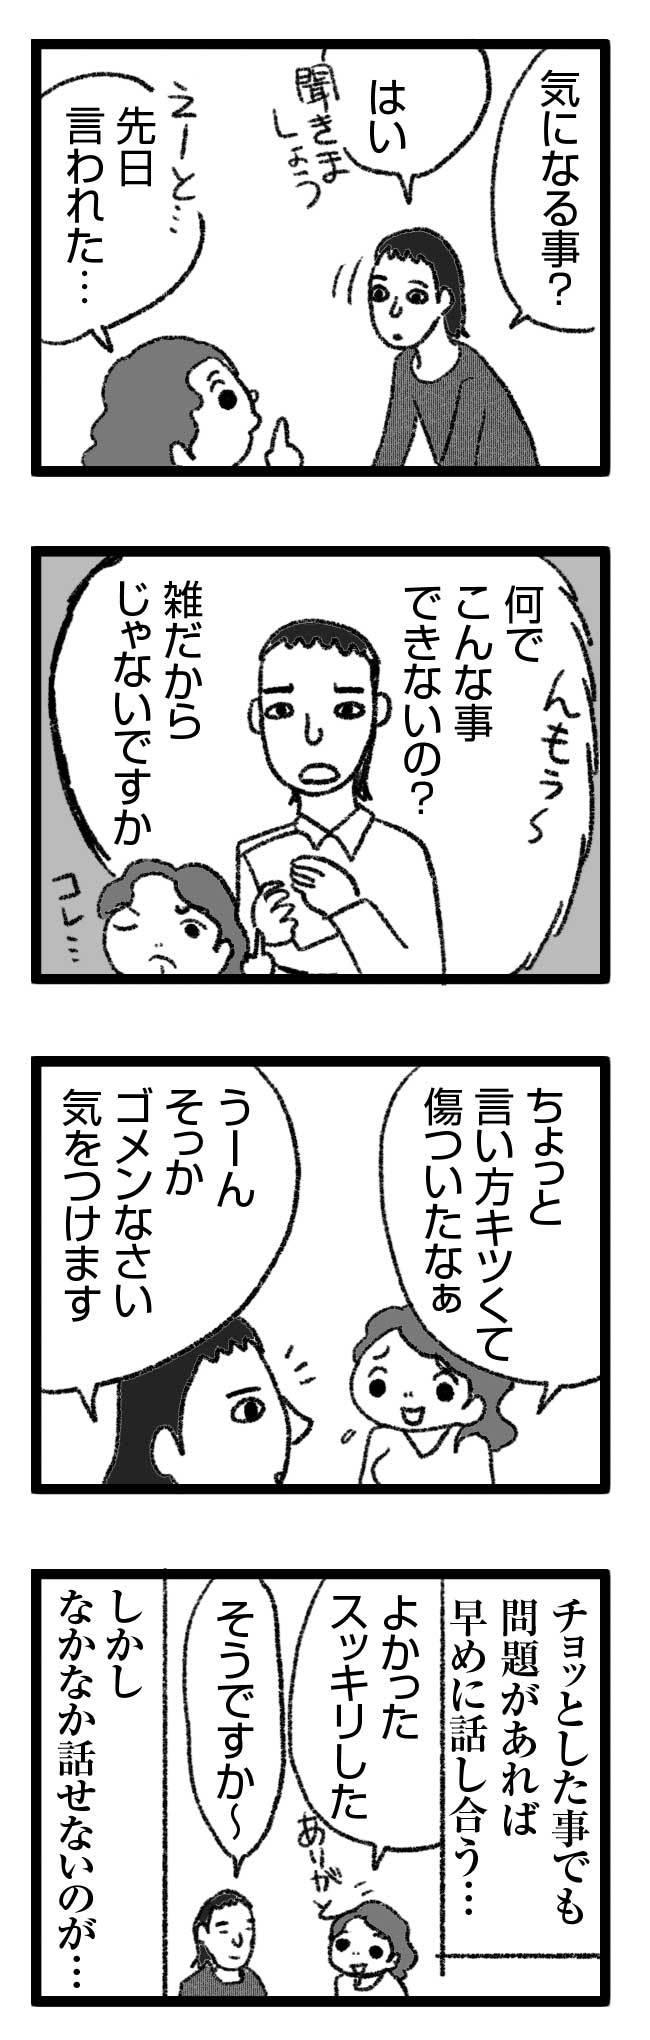 問題解決1 結婚 婚活 漫画 マンガ まんが レス セックスレス プロポーズ